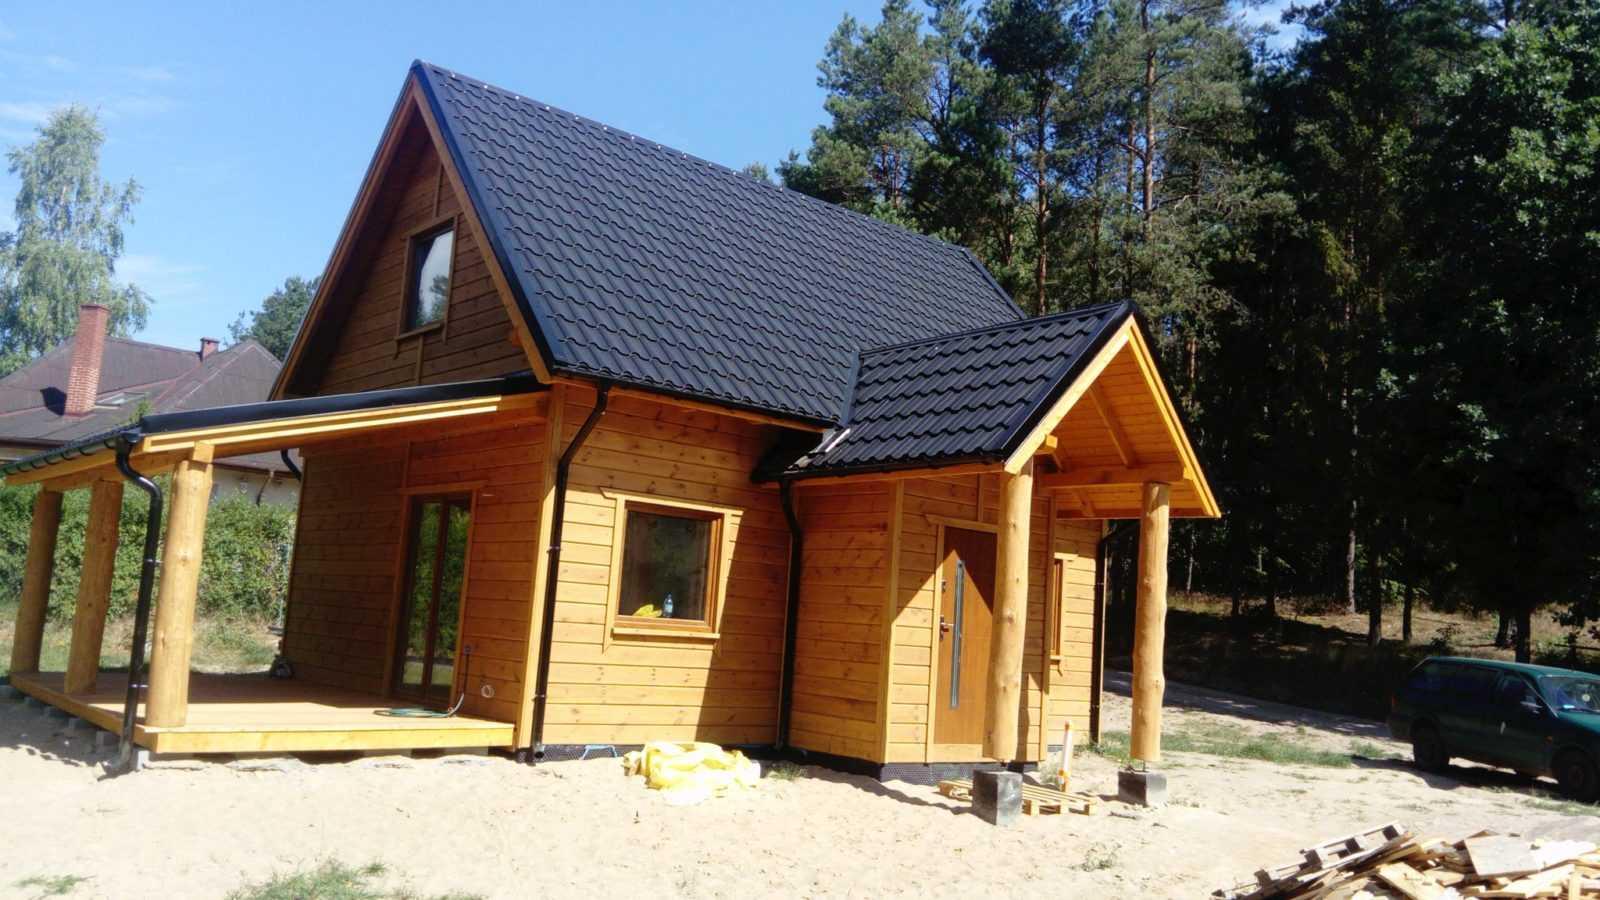 domy drewniane szeregowe energooszczedne pasywne domy gora (5)